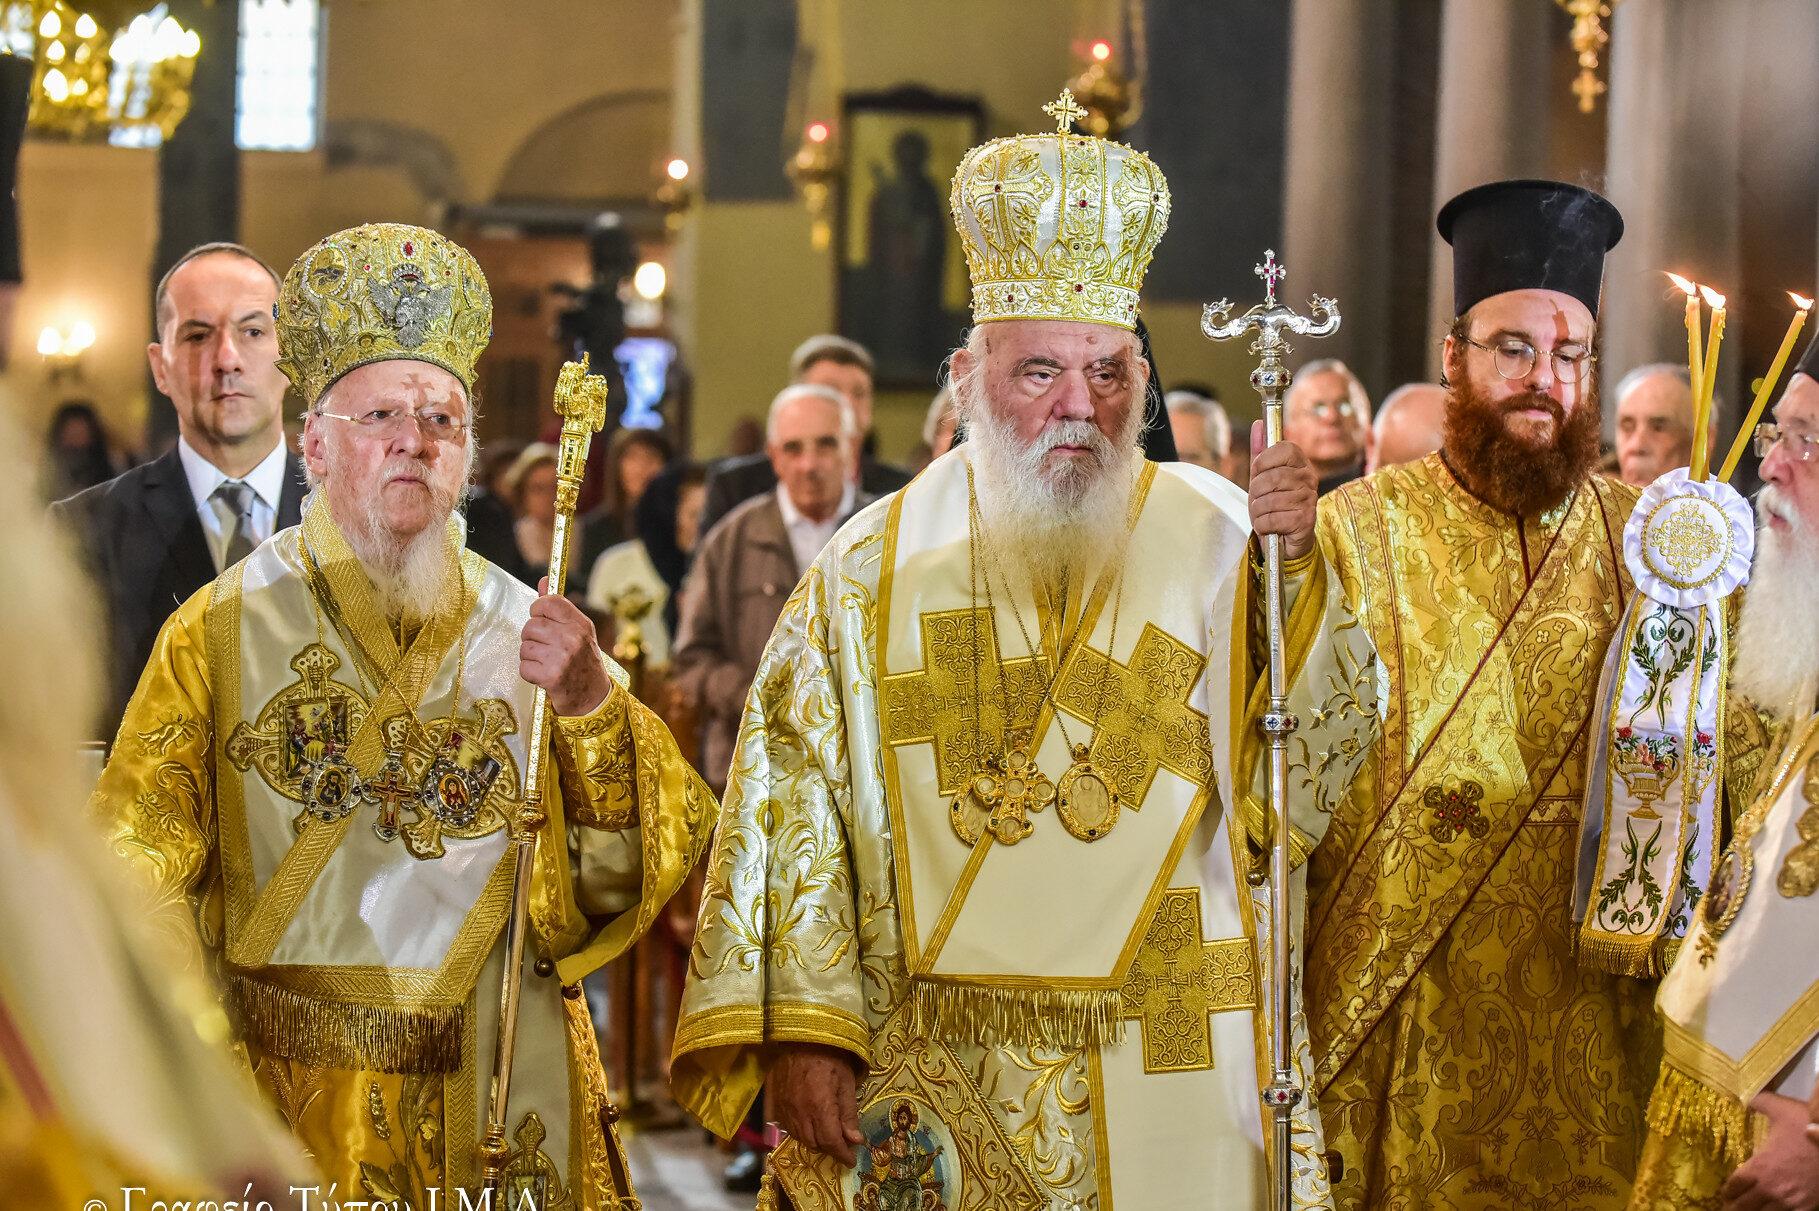 Συλλείτουργο Οικ. Πατριάρχη με Αρχιεπίσκοπο Ιερώνυμο στις 21 Νοεμβρίου στην Αθήνα